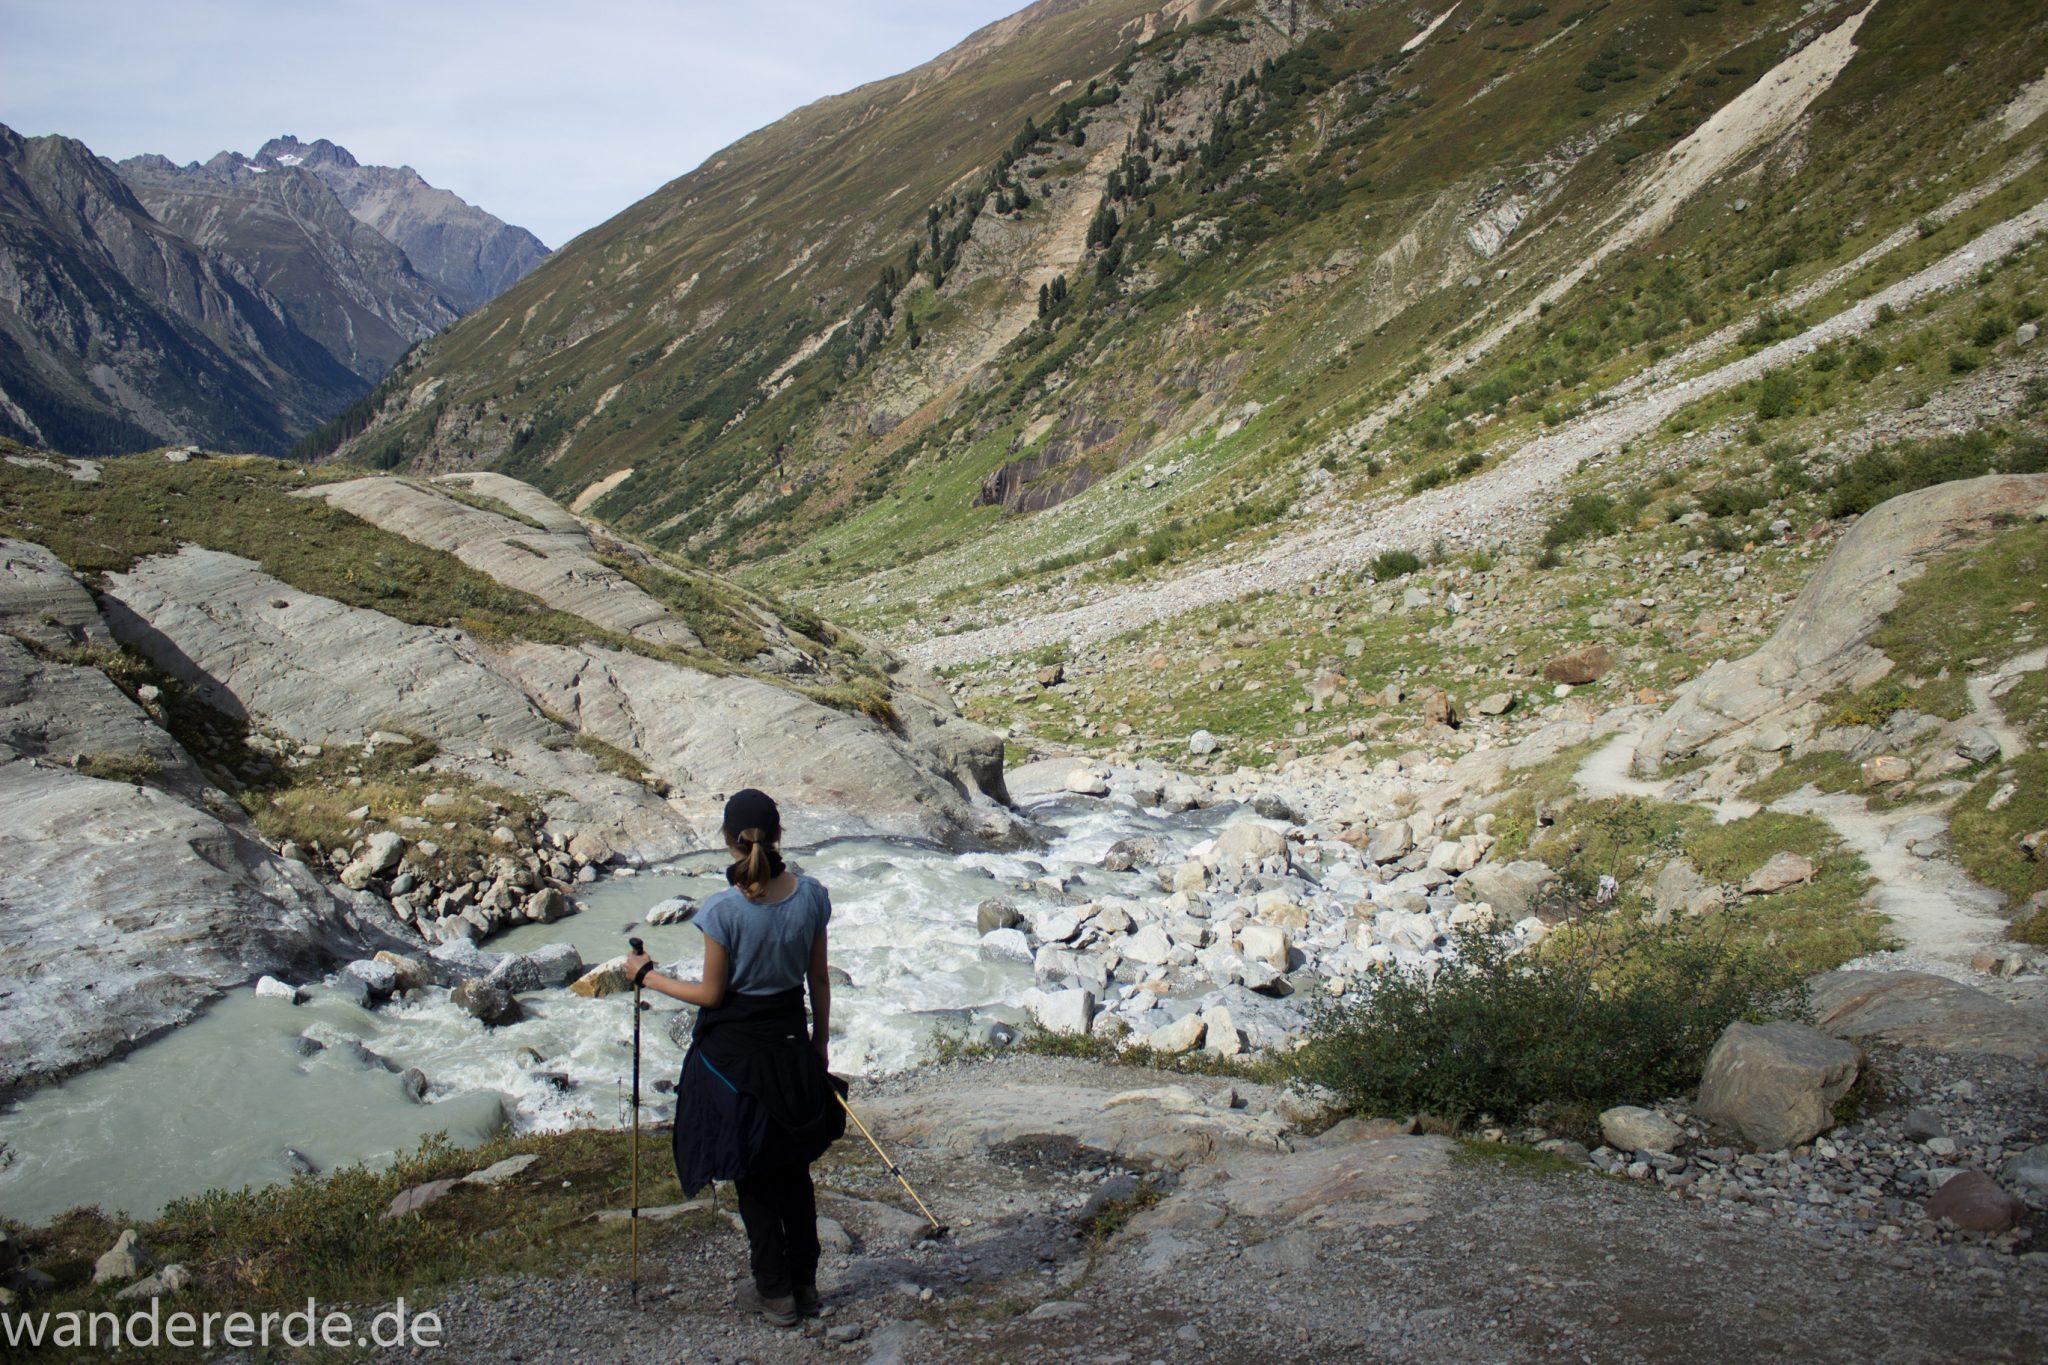 Alpenüberquerung Fernwanderweg E5 Oberstdorf Meran, 4. Etappe von Skihütte Zams zur Braunschweiger Hütte, herrliches Wanderwetter bei strahlendem Sonnenschein, Blick auf Wanderer auf schönem und schmalem Wanderweg während Aufstieg zur Braunschweiger Hütte über Wasserfall Weg, Wanderweg über Wasserfall wird zunehmend steiler und dauert lange, Aussicht auf die schönen Berge der Alpen und Wasserfall mit Gletscherwasser und noch etwas grüne Vegetation